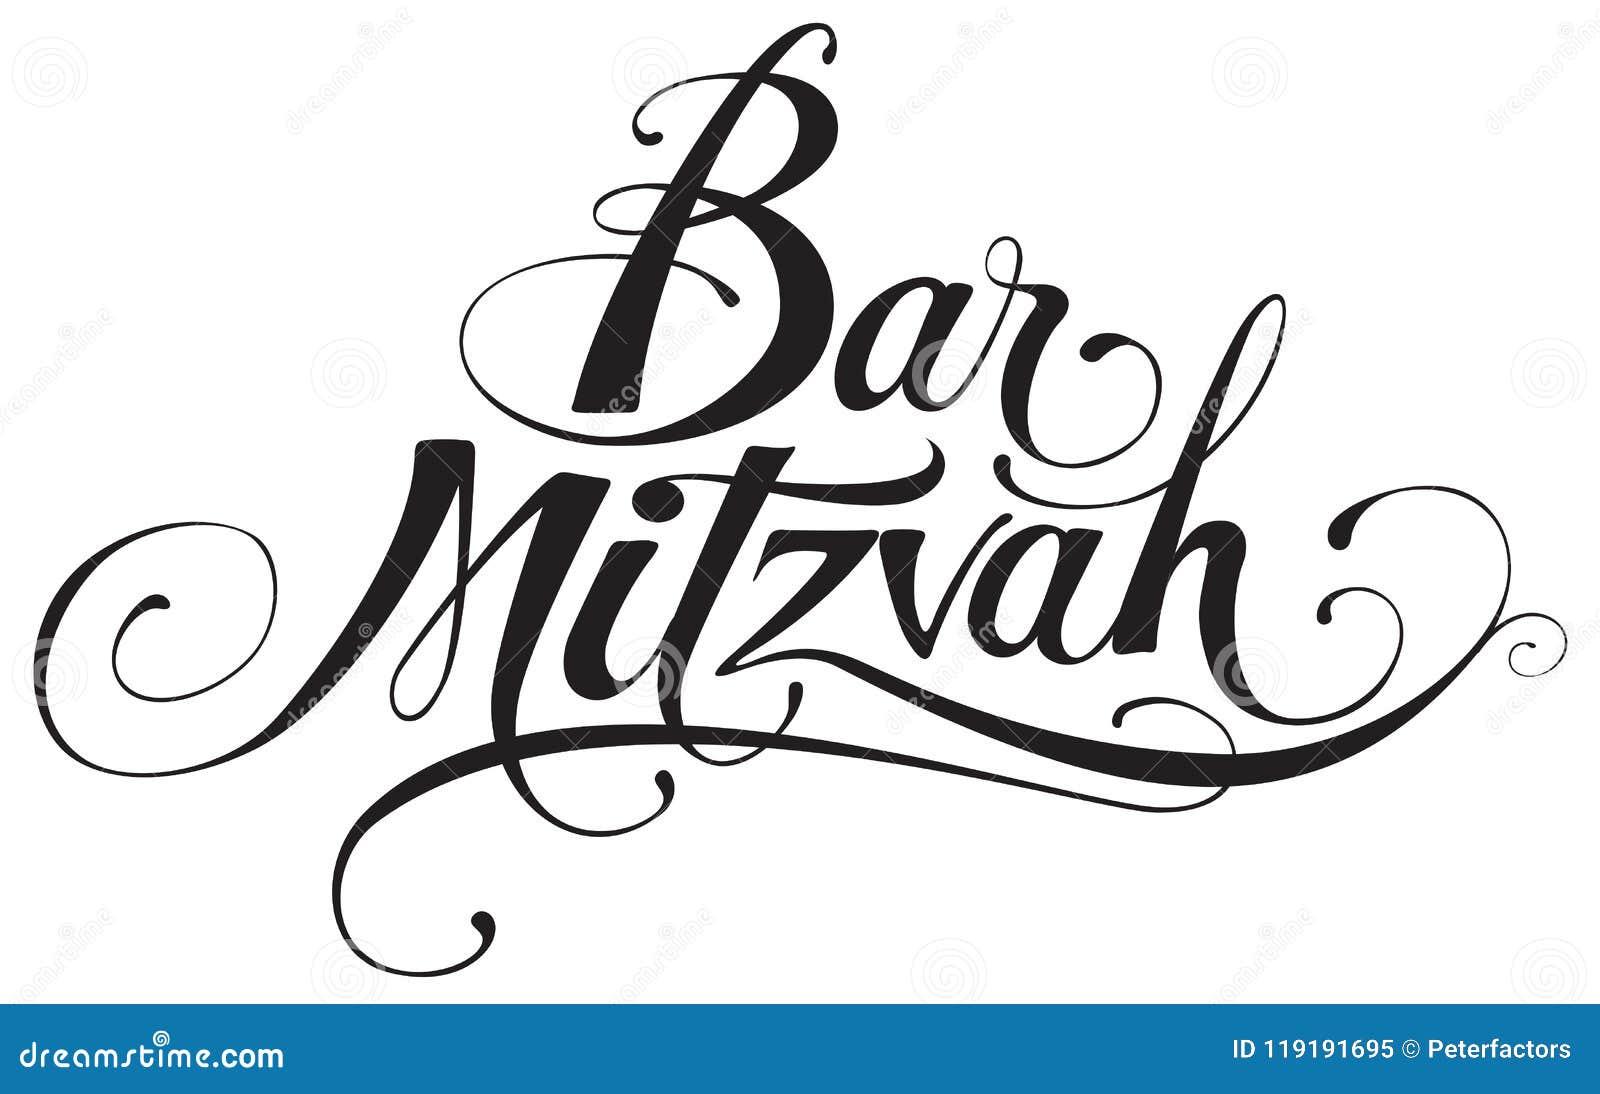 Bar mitswa